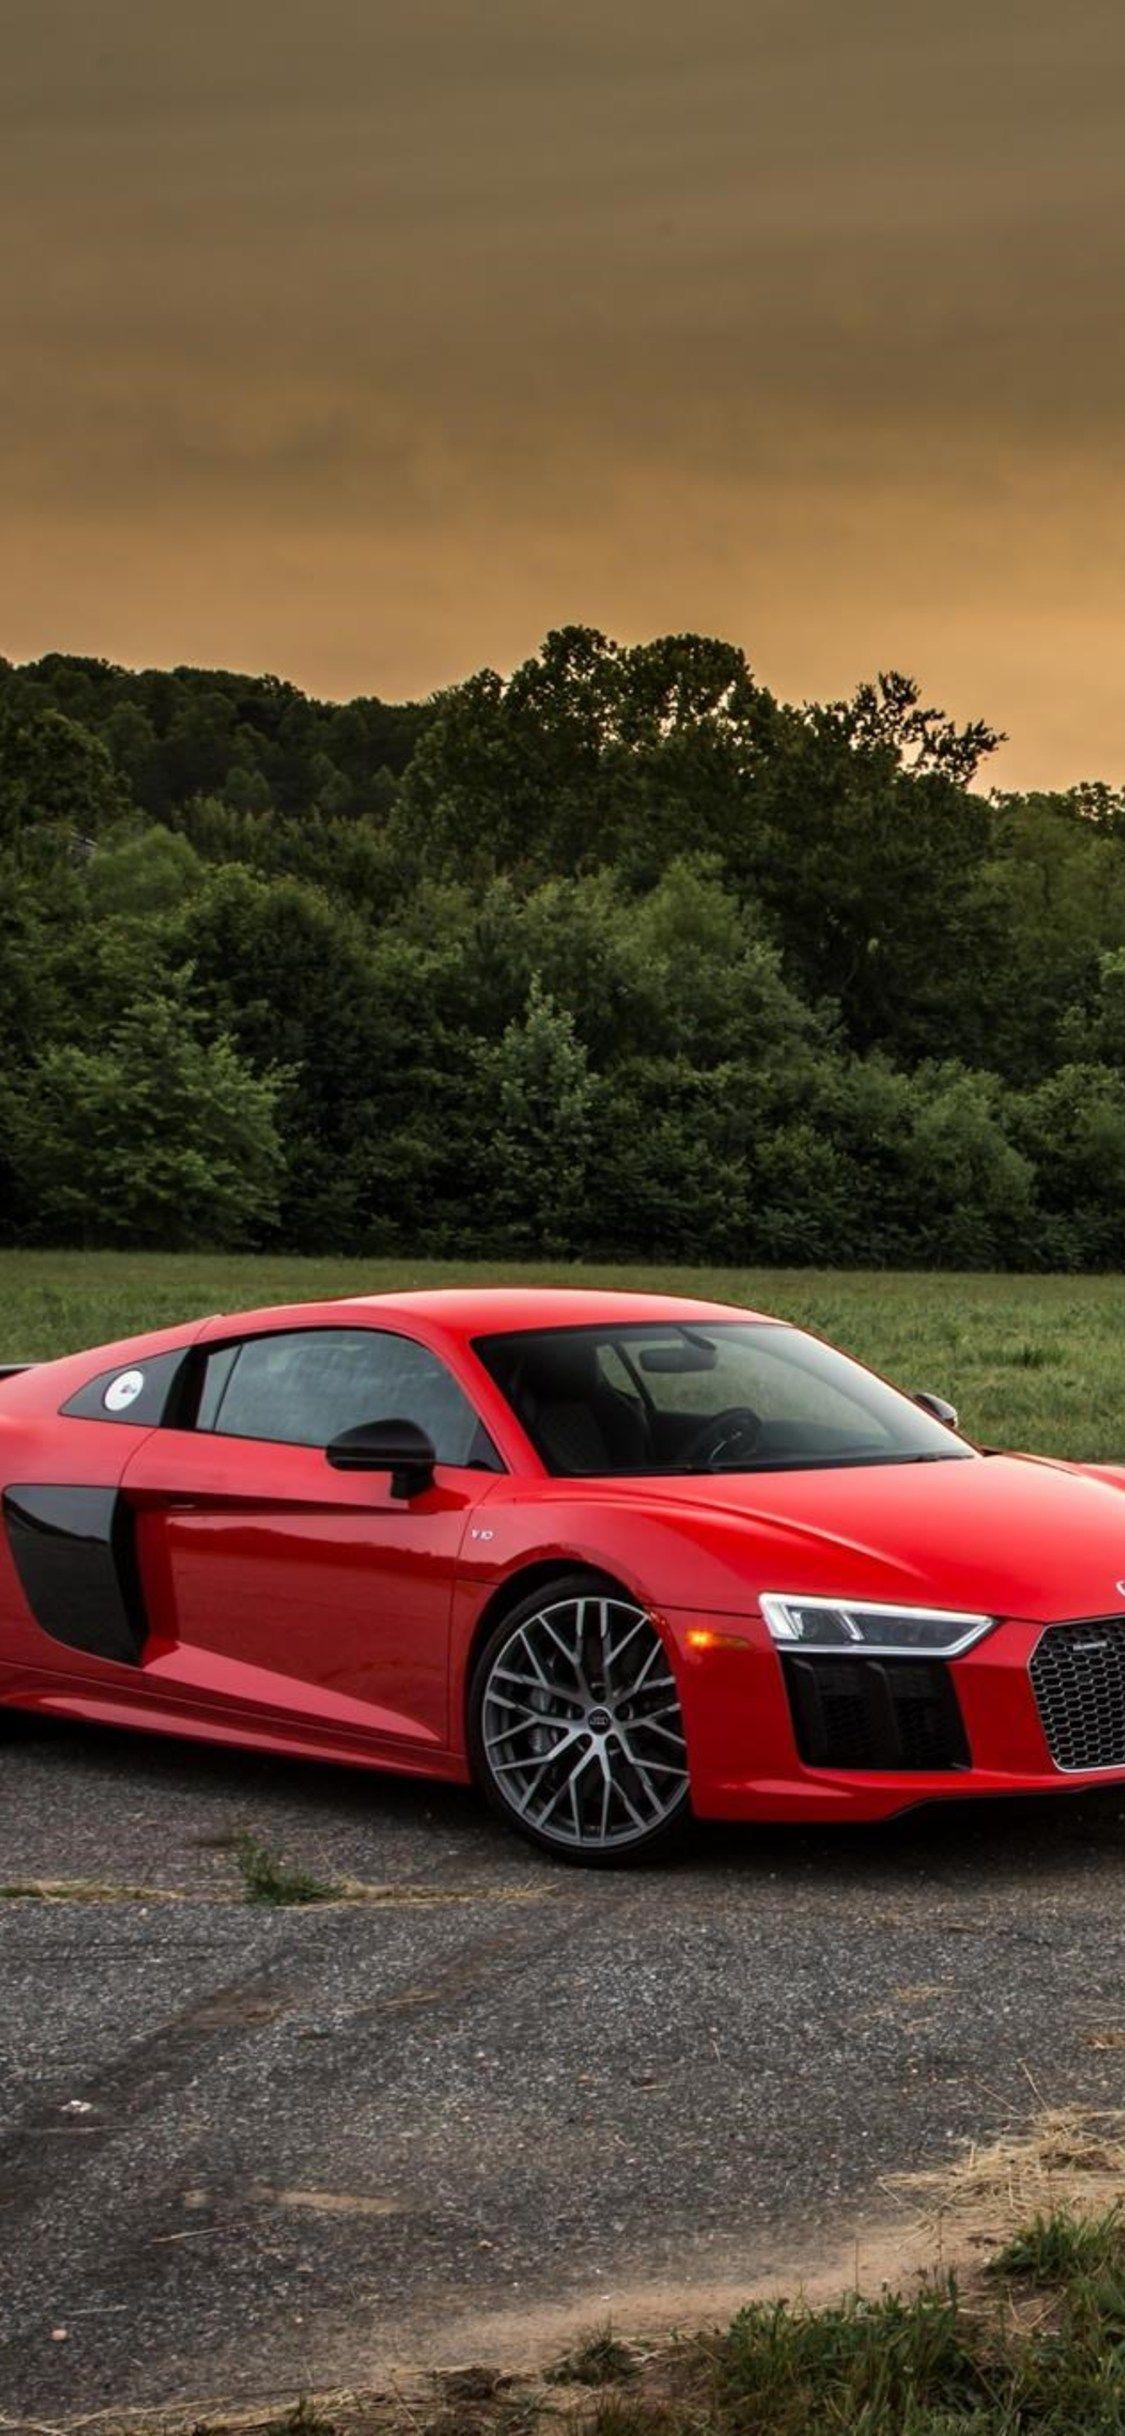 Audi R8 Wallpaper : wallpaper, Smartphone, Wallpapers, Wallpaper